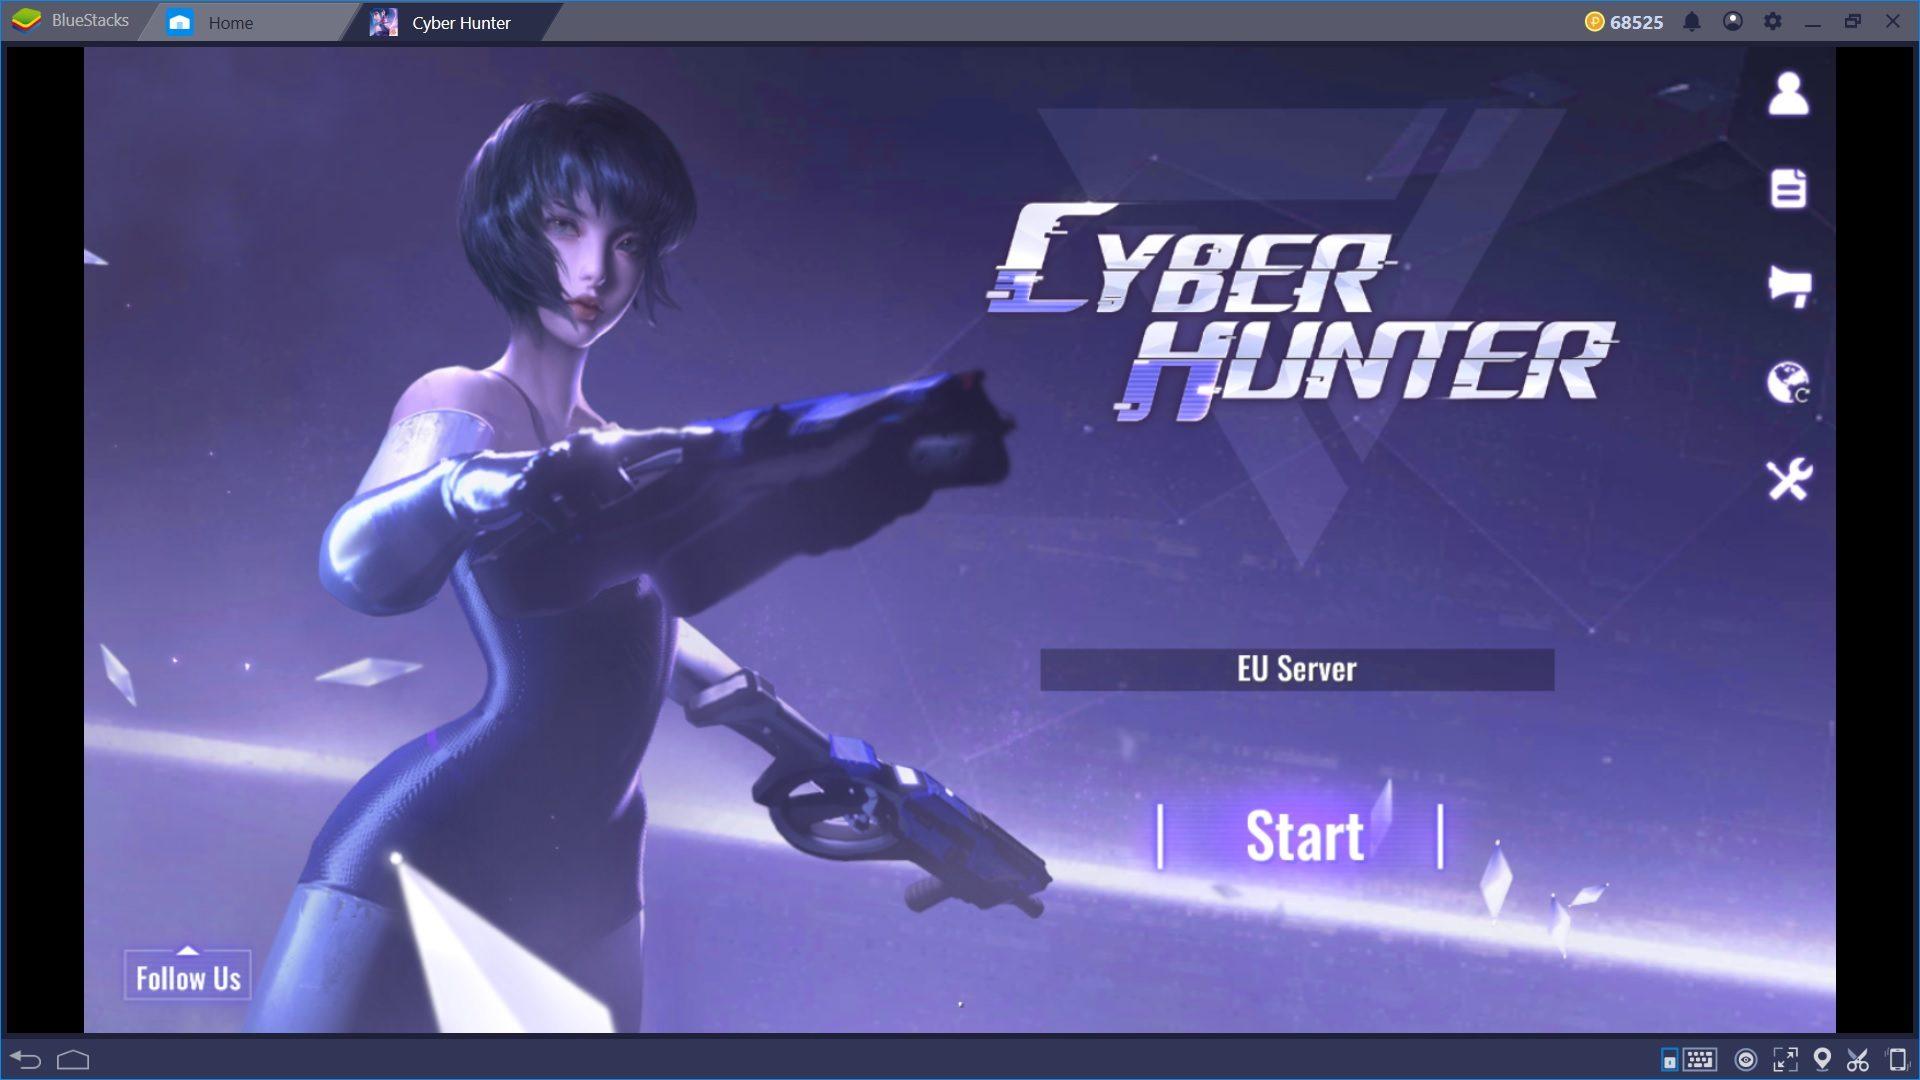 Installa Cyber Hunter e sfrutta i vantaggi di Bluestacks